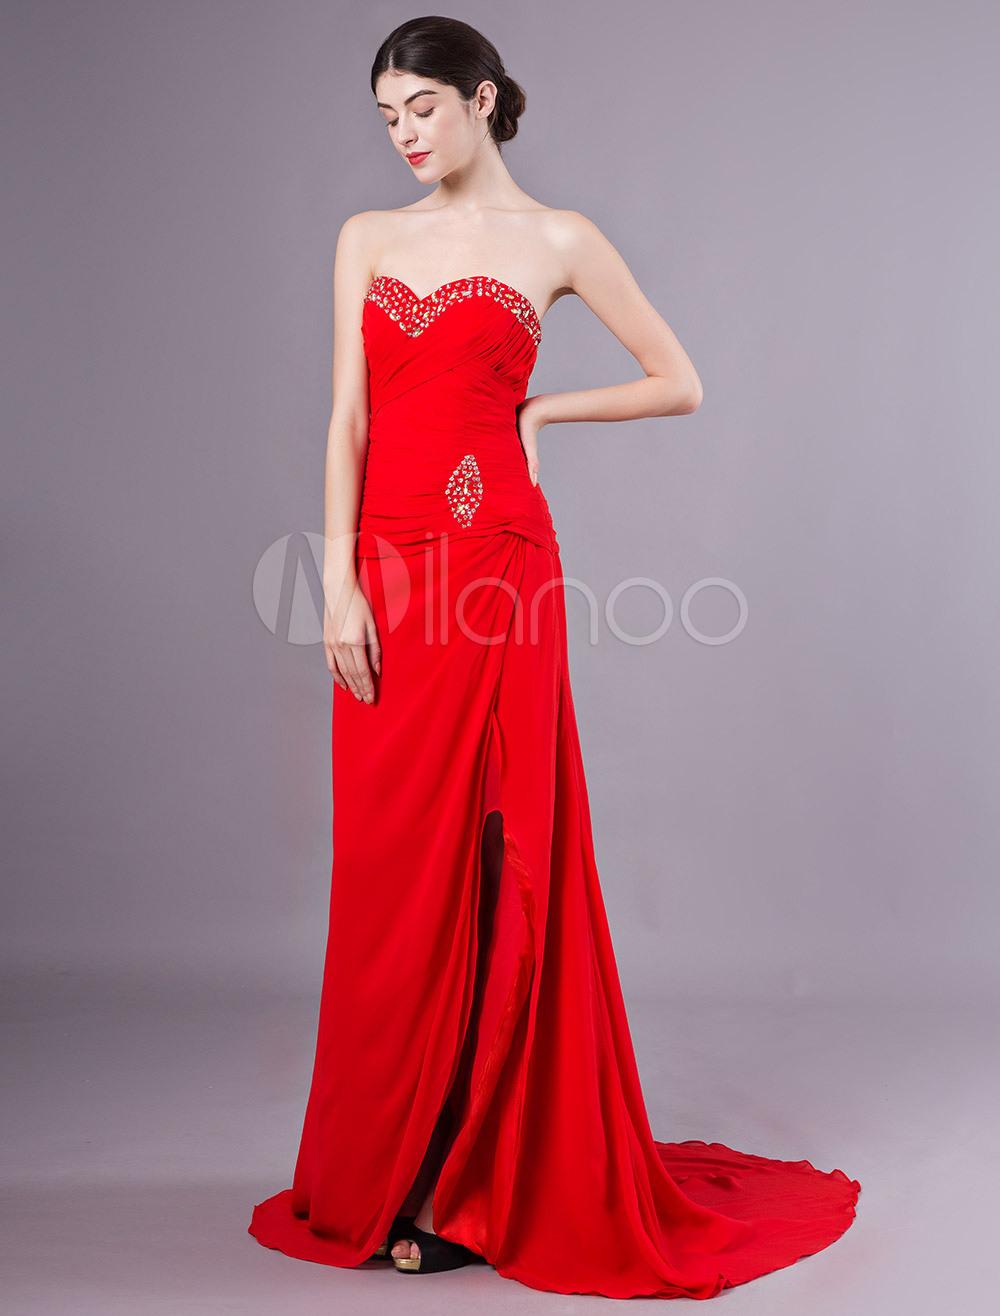 Abendkleider Herz-Ausschnitt Hochzeit Etui- Ballkleider Chiffon Formelle  Kleider Ärmellos Mit Reißverschluss Rot Und Court-Schleppe